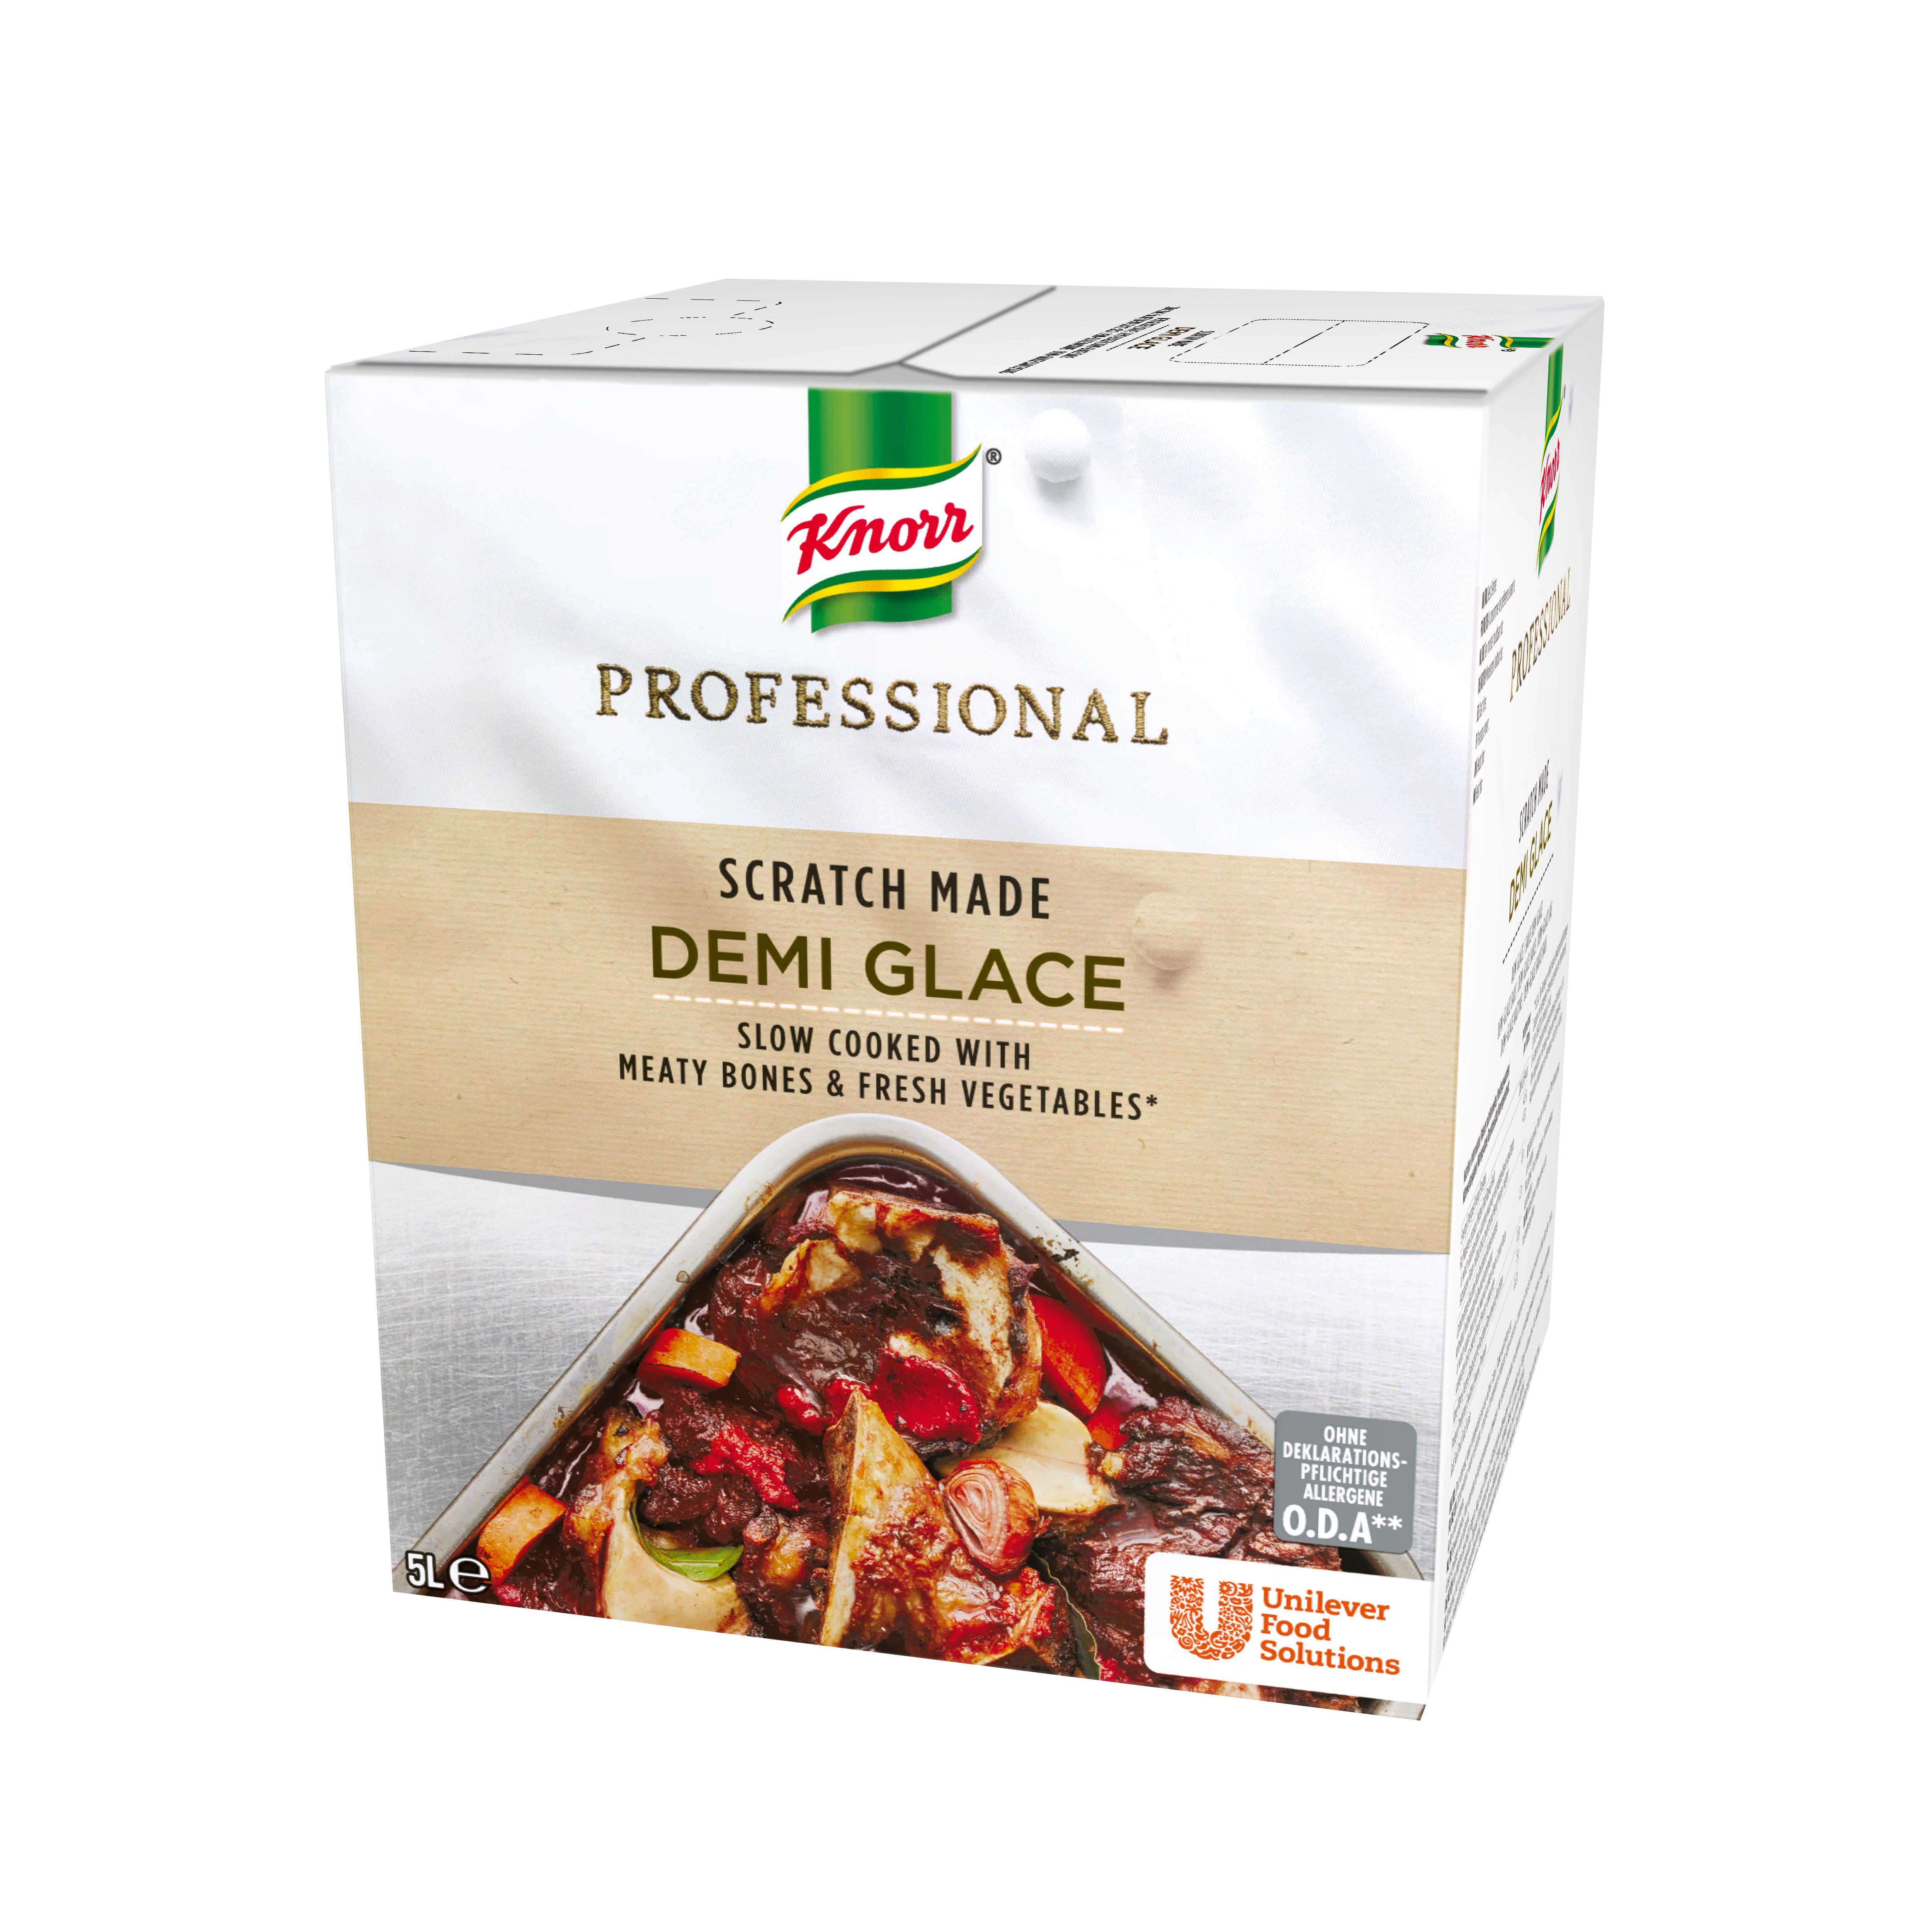 Knorr Professional Demi Glace, 5 liter - Tilberedt fra bunden med brune kødfyldte ben, grøntsager og urter